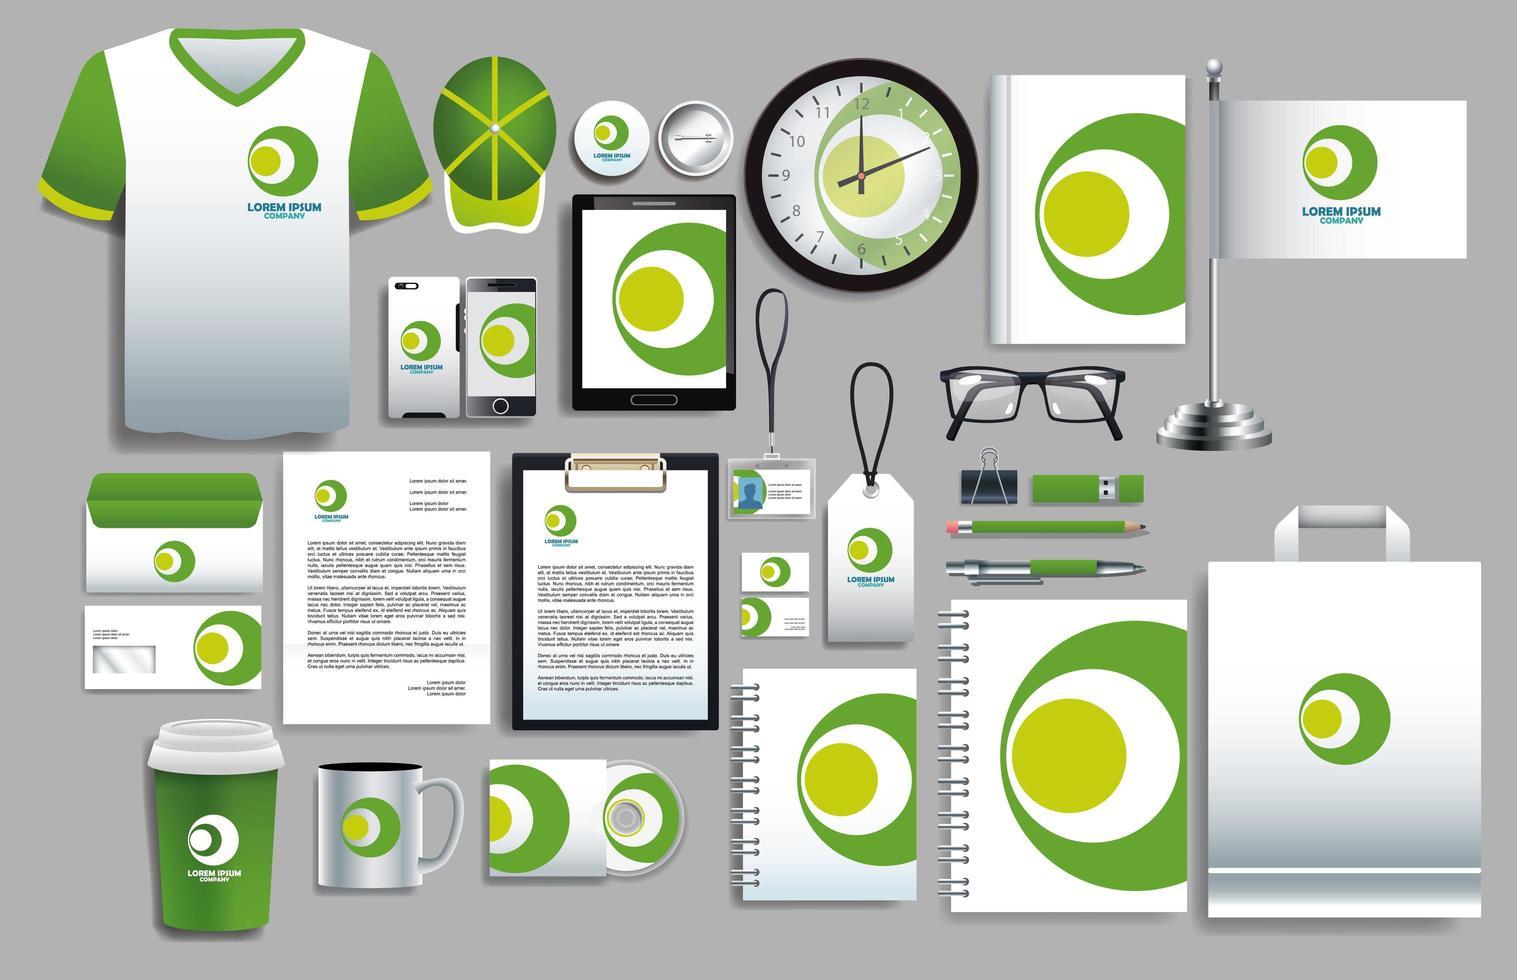 uppsättning gröna, vita cirkel logotyp brevpapper mallar vektor